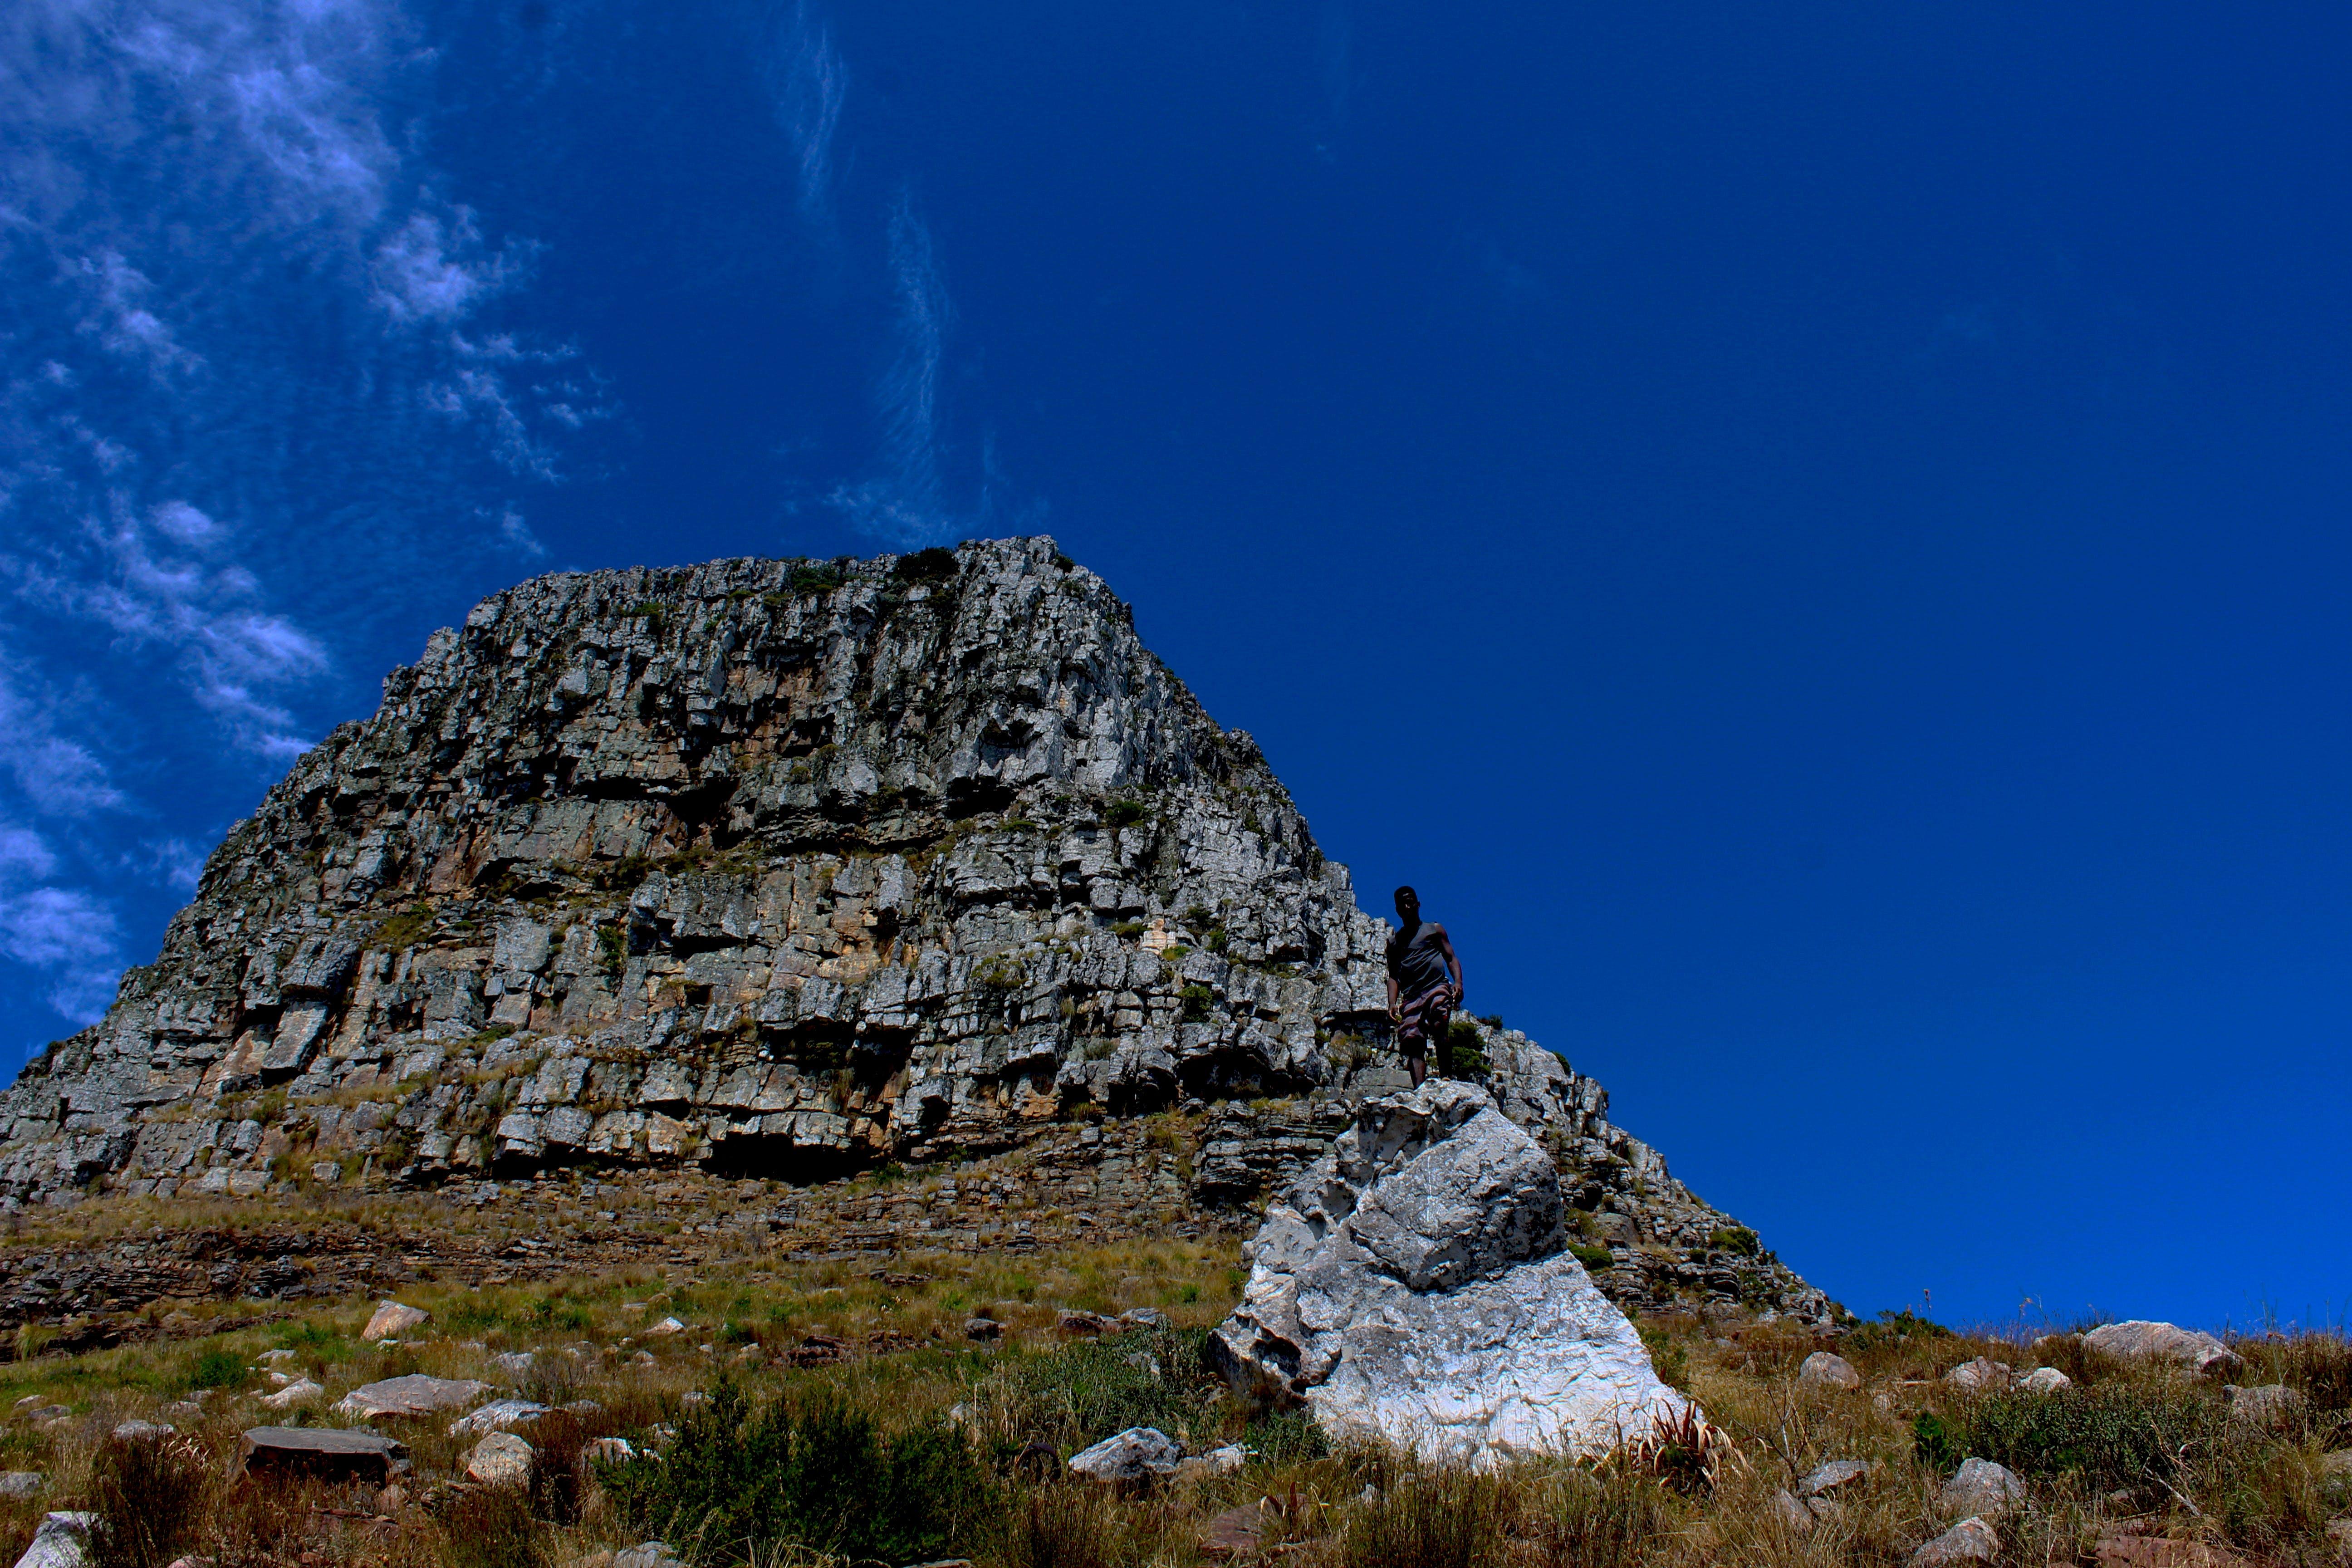 Free stock photo of mountain top